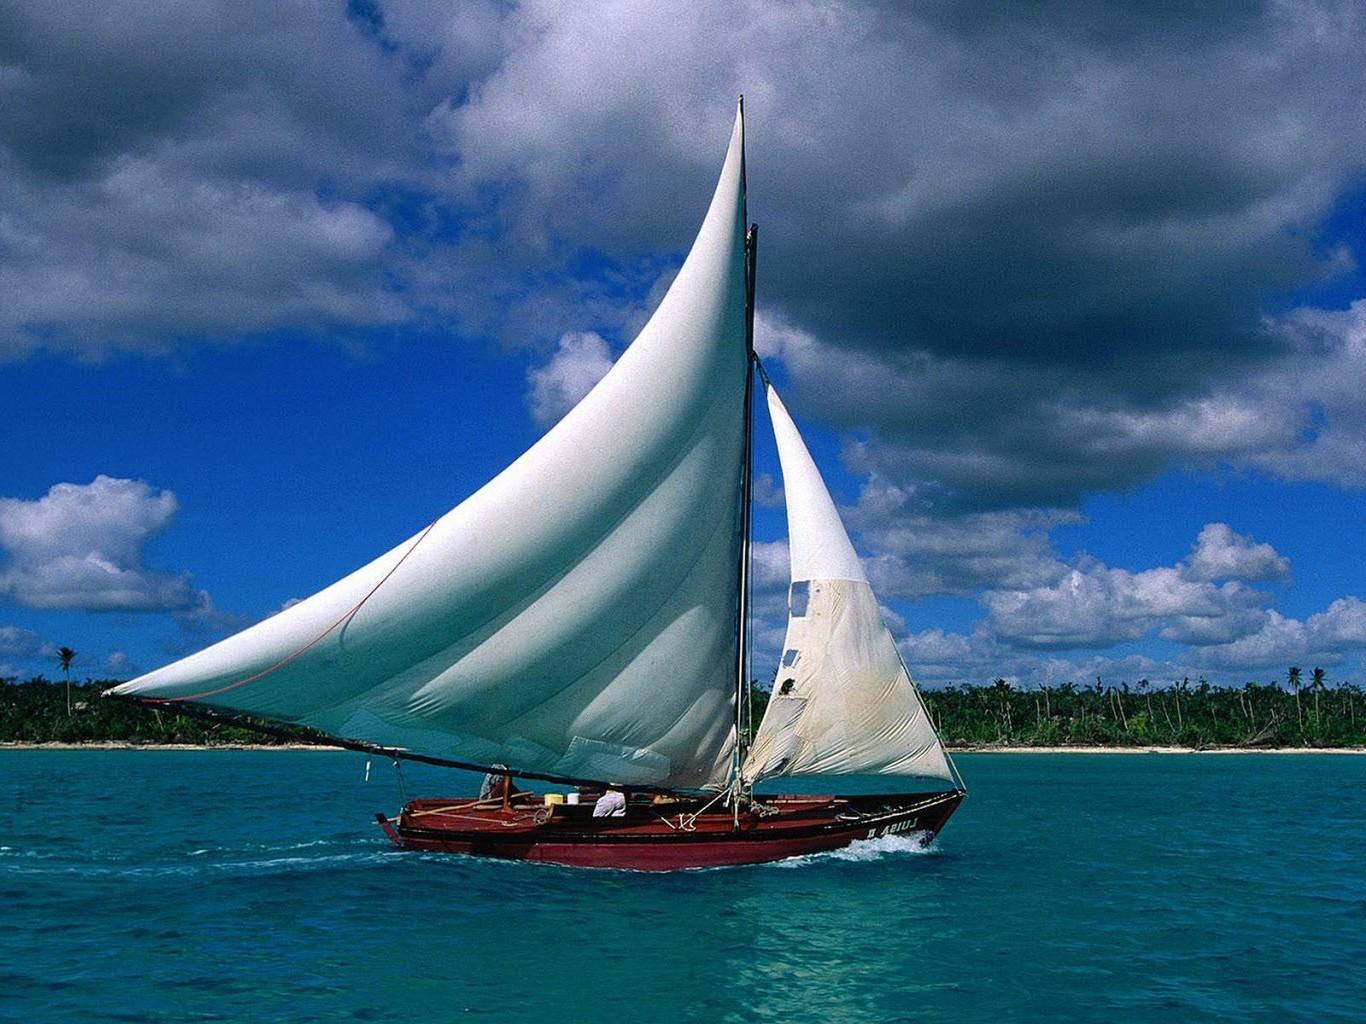 Fond d 39 cran bateau voile mer eau v hicule le - Photo de voilier gratuite ...